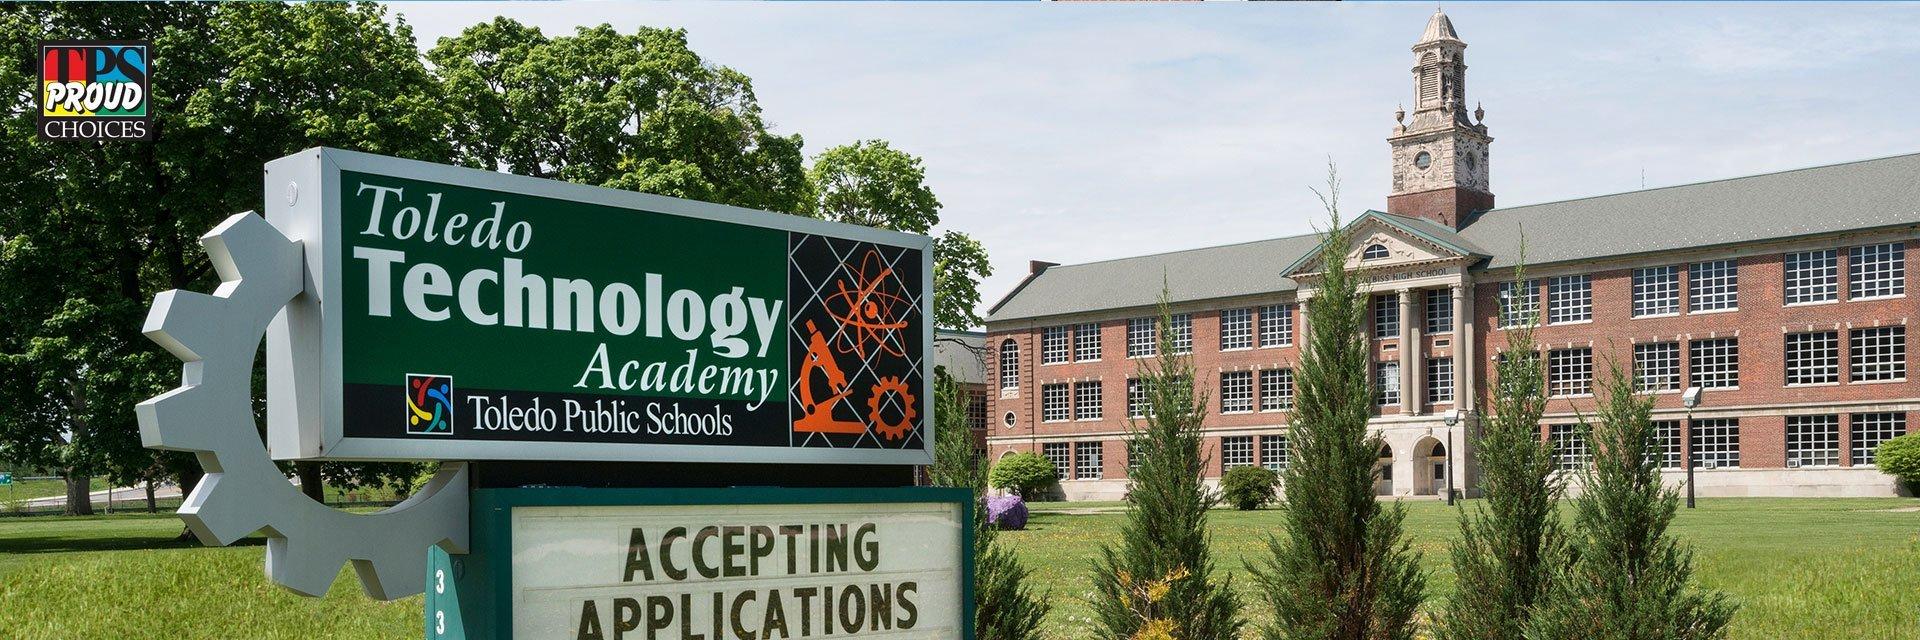 toledo tech academy